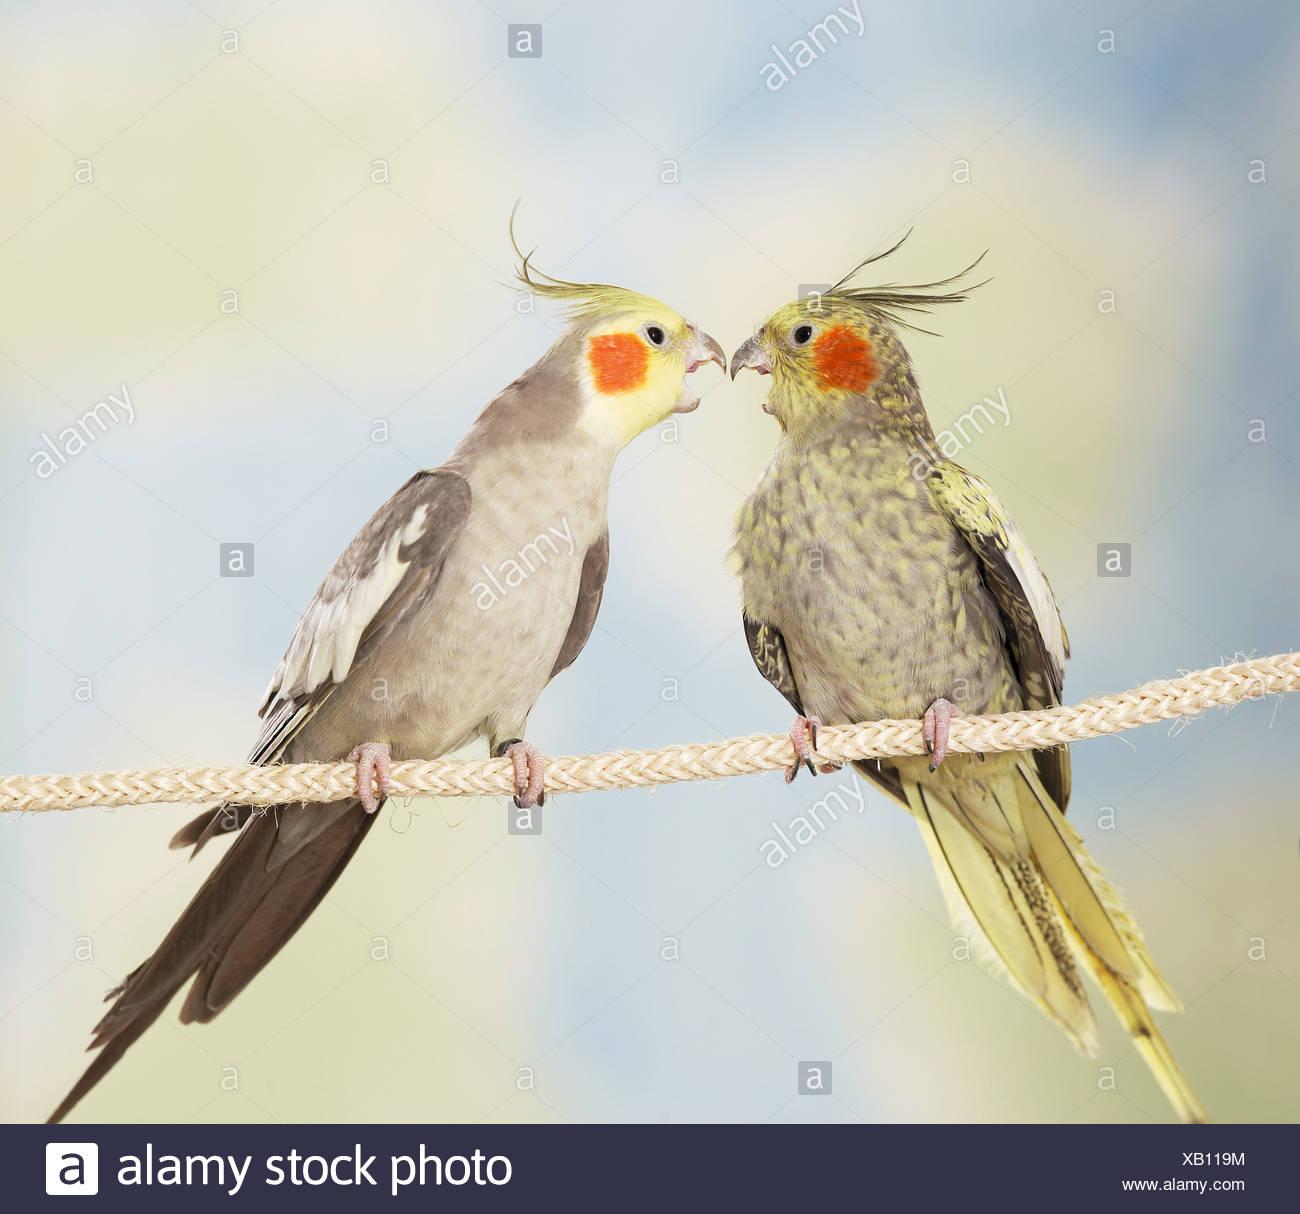 Deux perruches calopsittes sur corde - combats / Nymphicus hollandicus Photo Stock